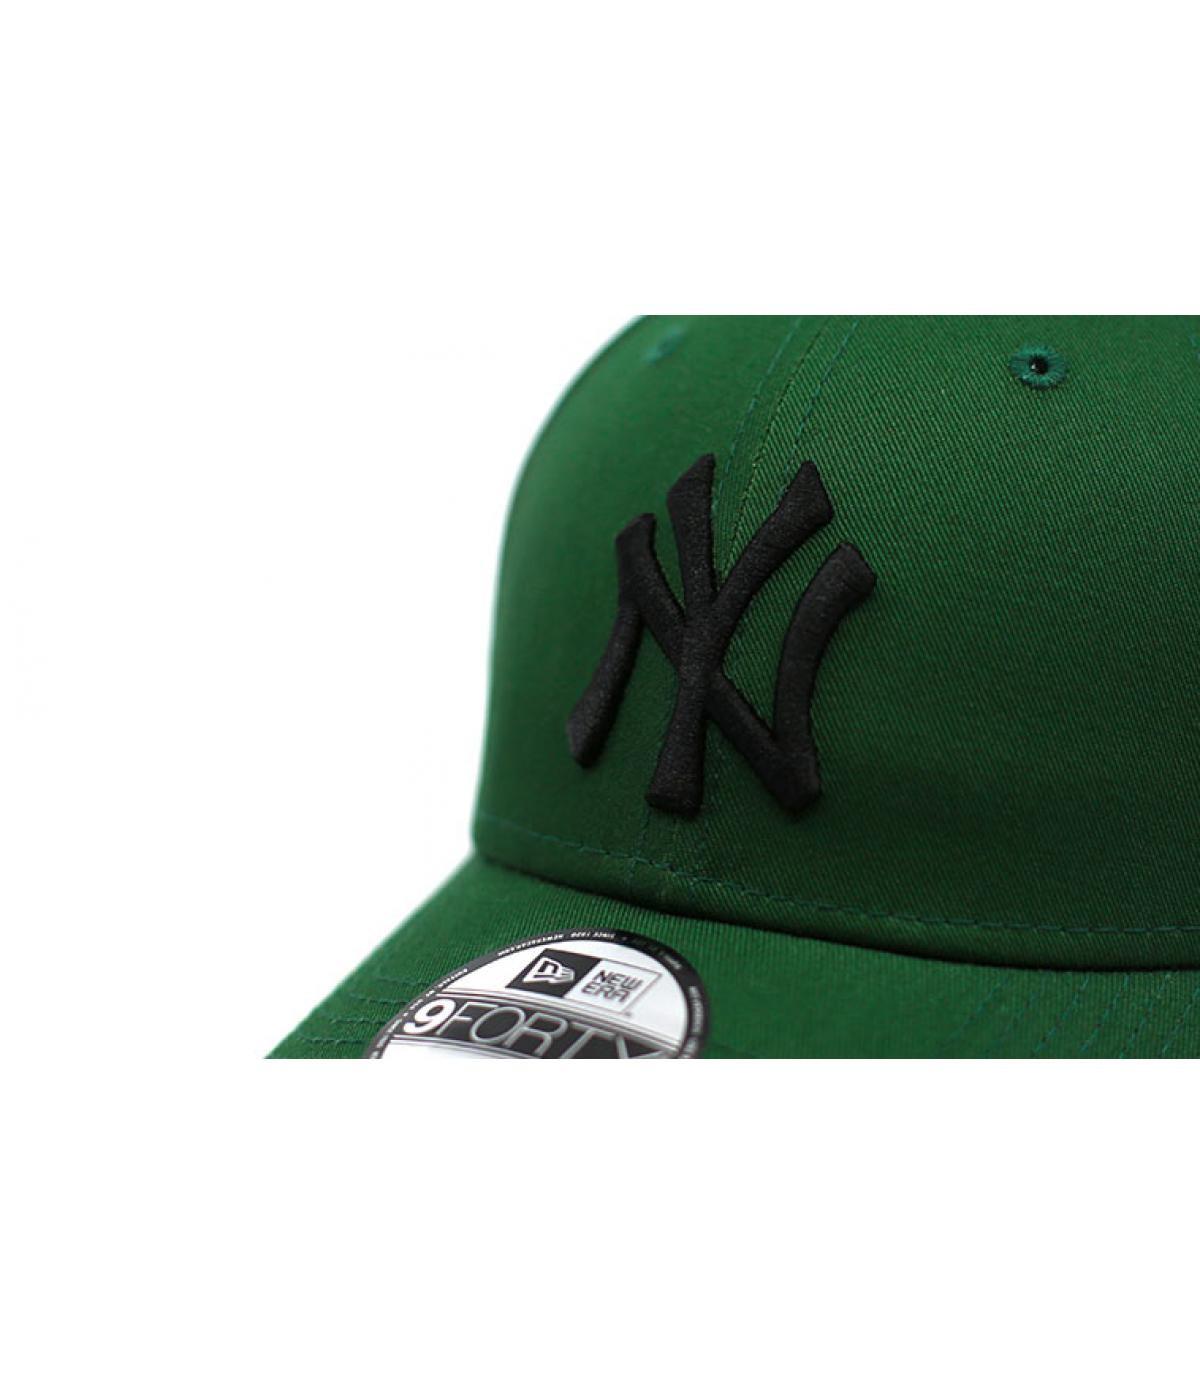 Détails Casquette Enfant League Ess NY green black - image 3